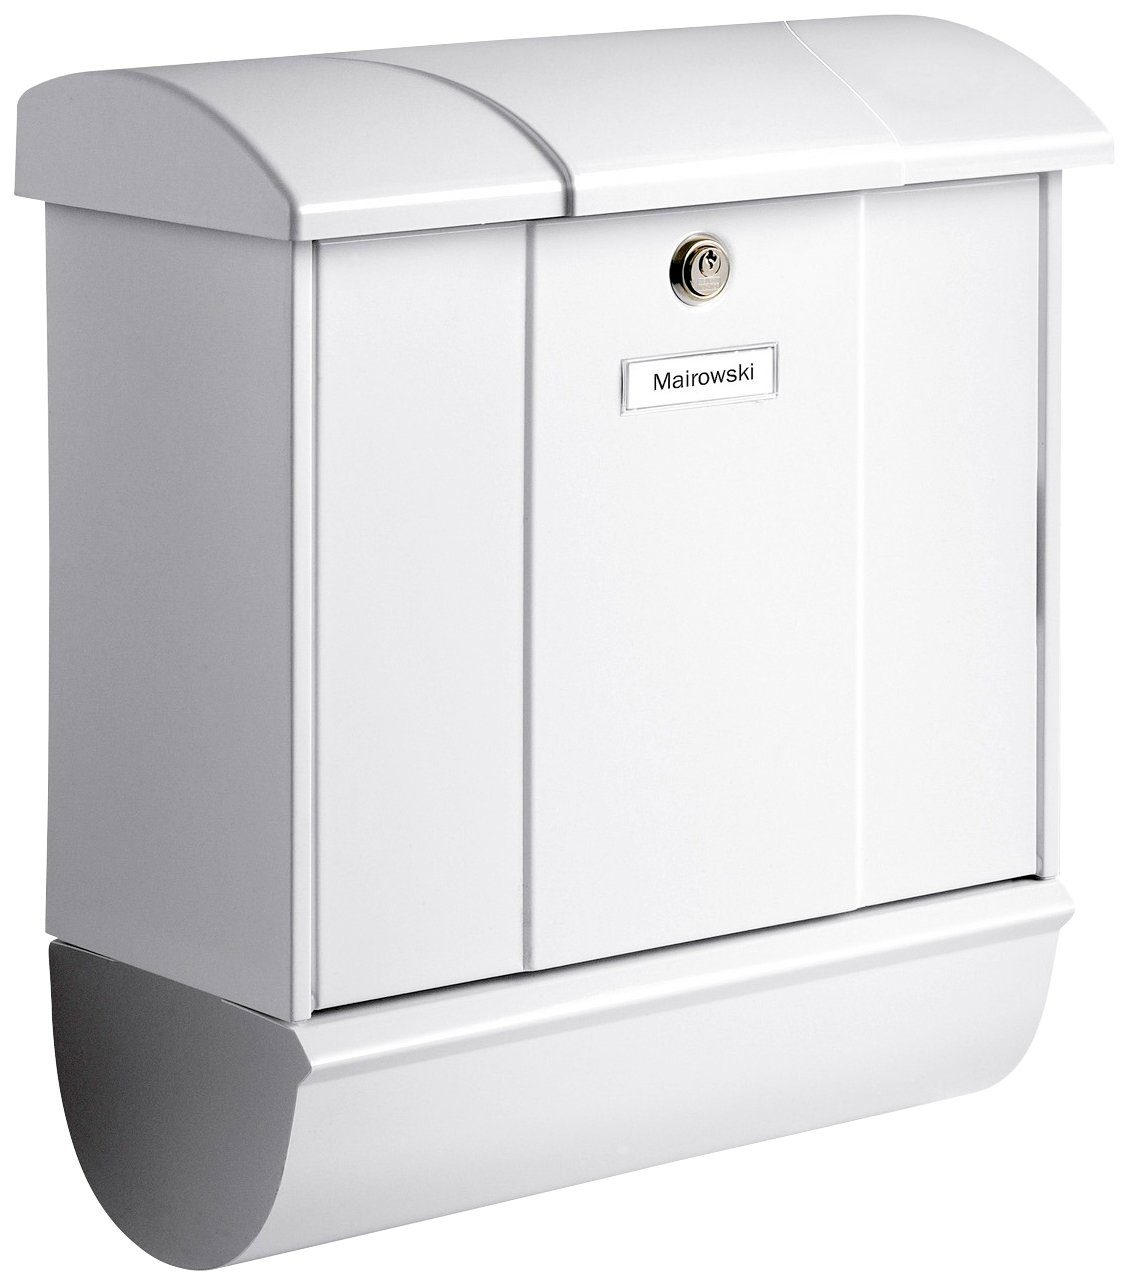 BURG WÄCHTER Briefkasten »Olymp 91600 W«, Stahlblech-Briefkastenset